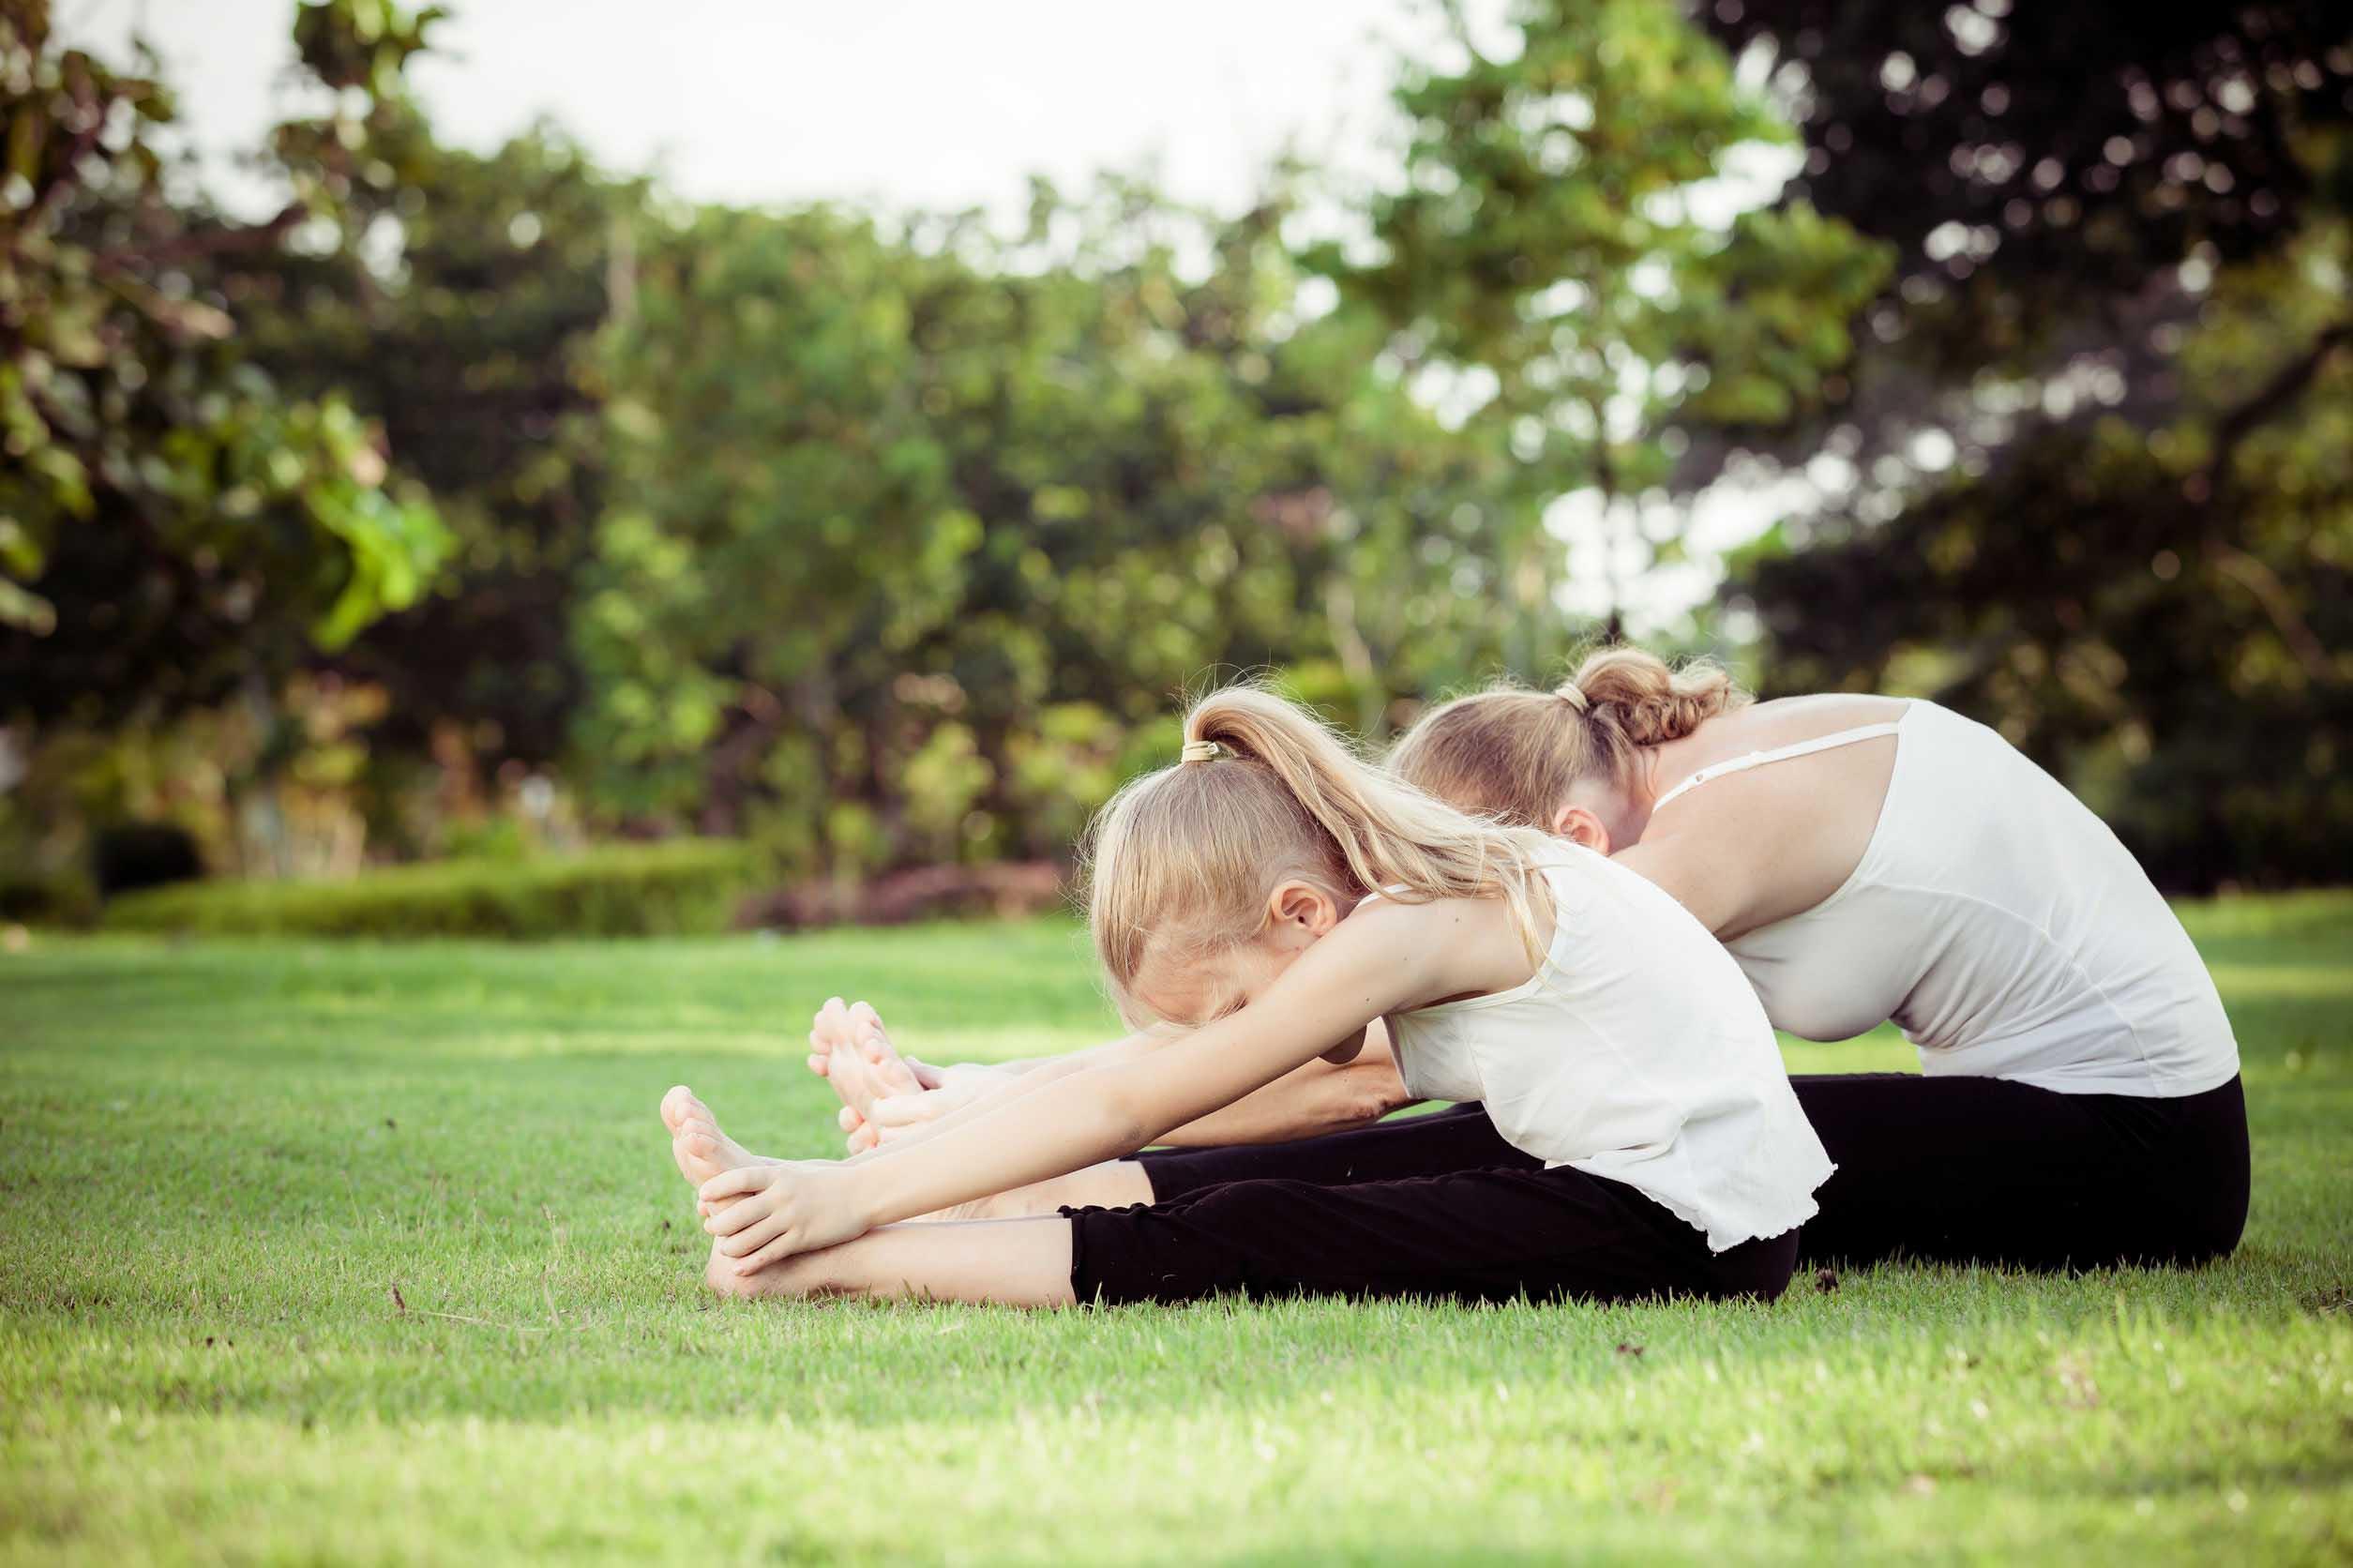 Yoga parent-enfant extérieur